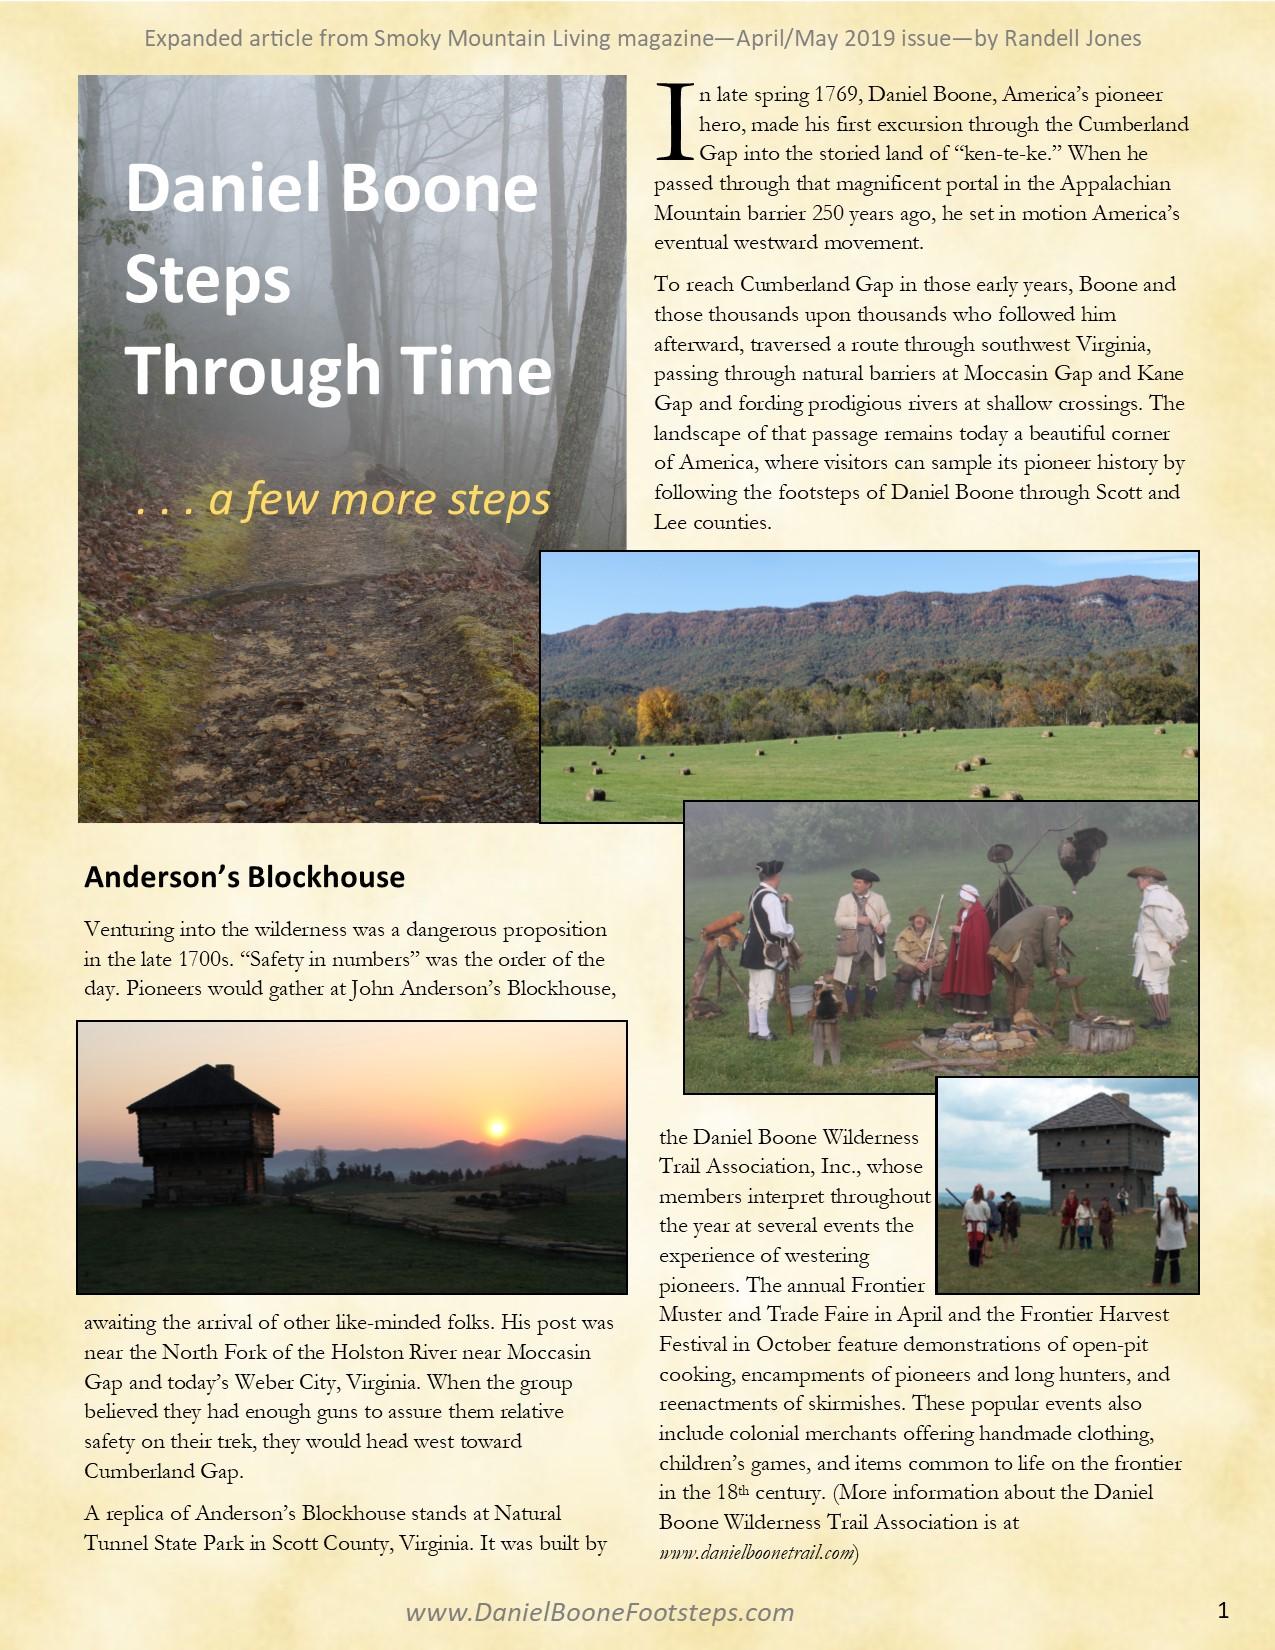 Daniel Boone Steps through Time - a few more steps - p1.jpg